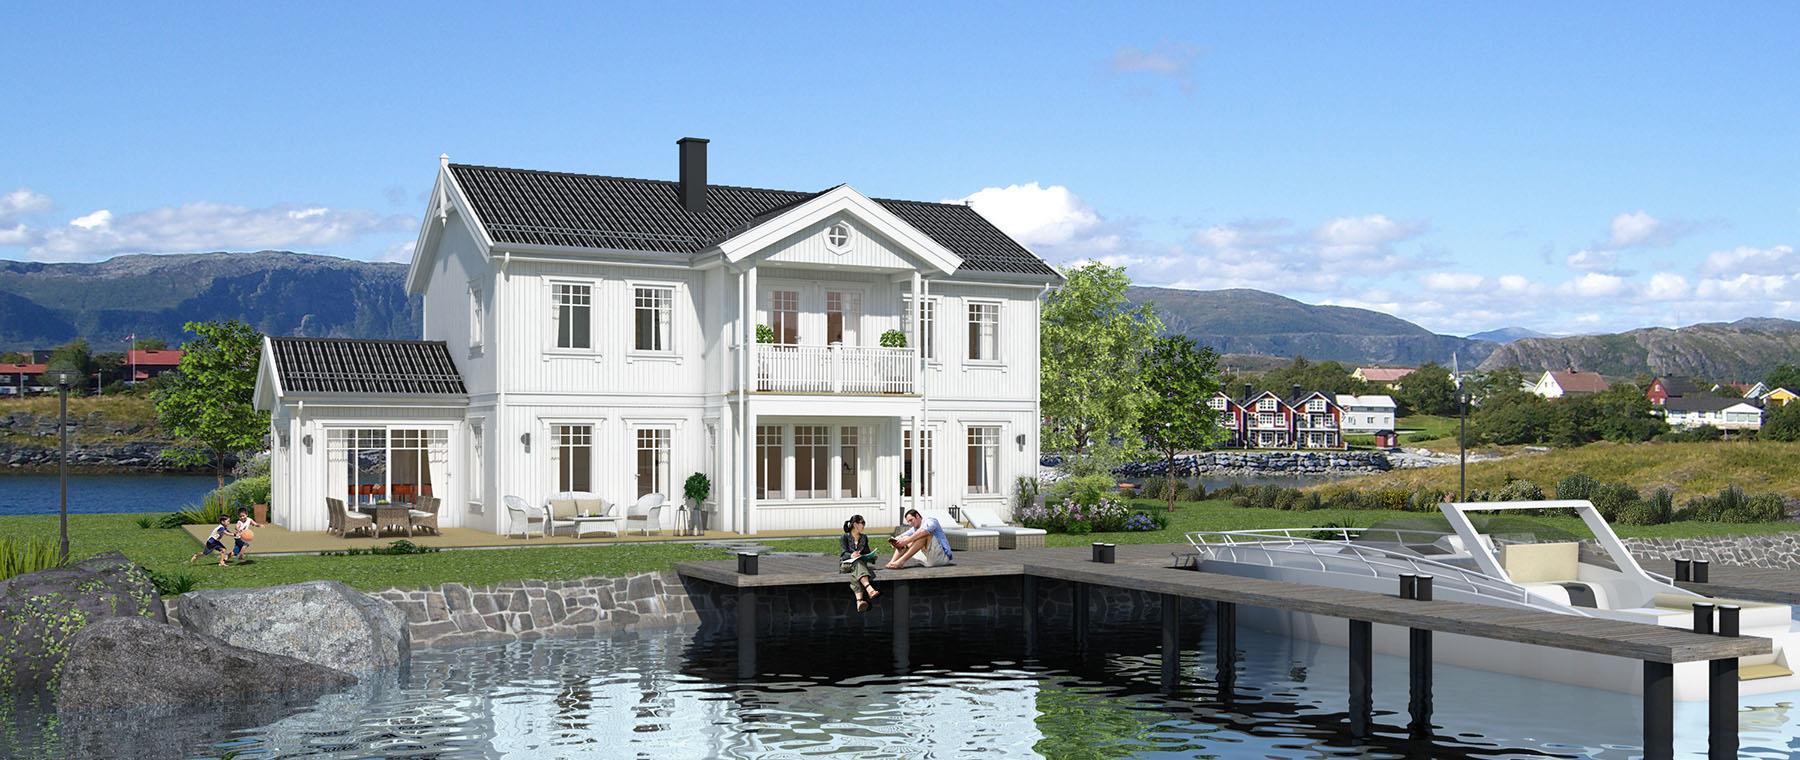 Hus 1 Norge Herregårds - serien Bergensfjord eksteriør